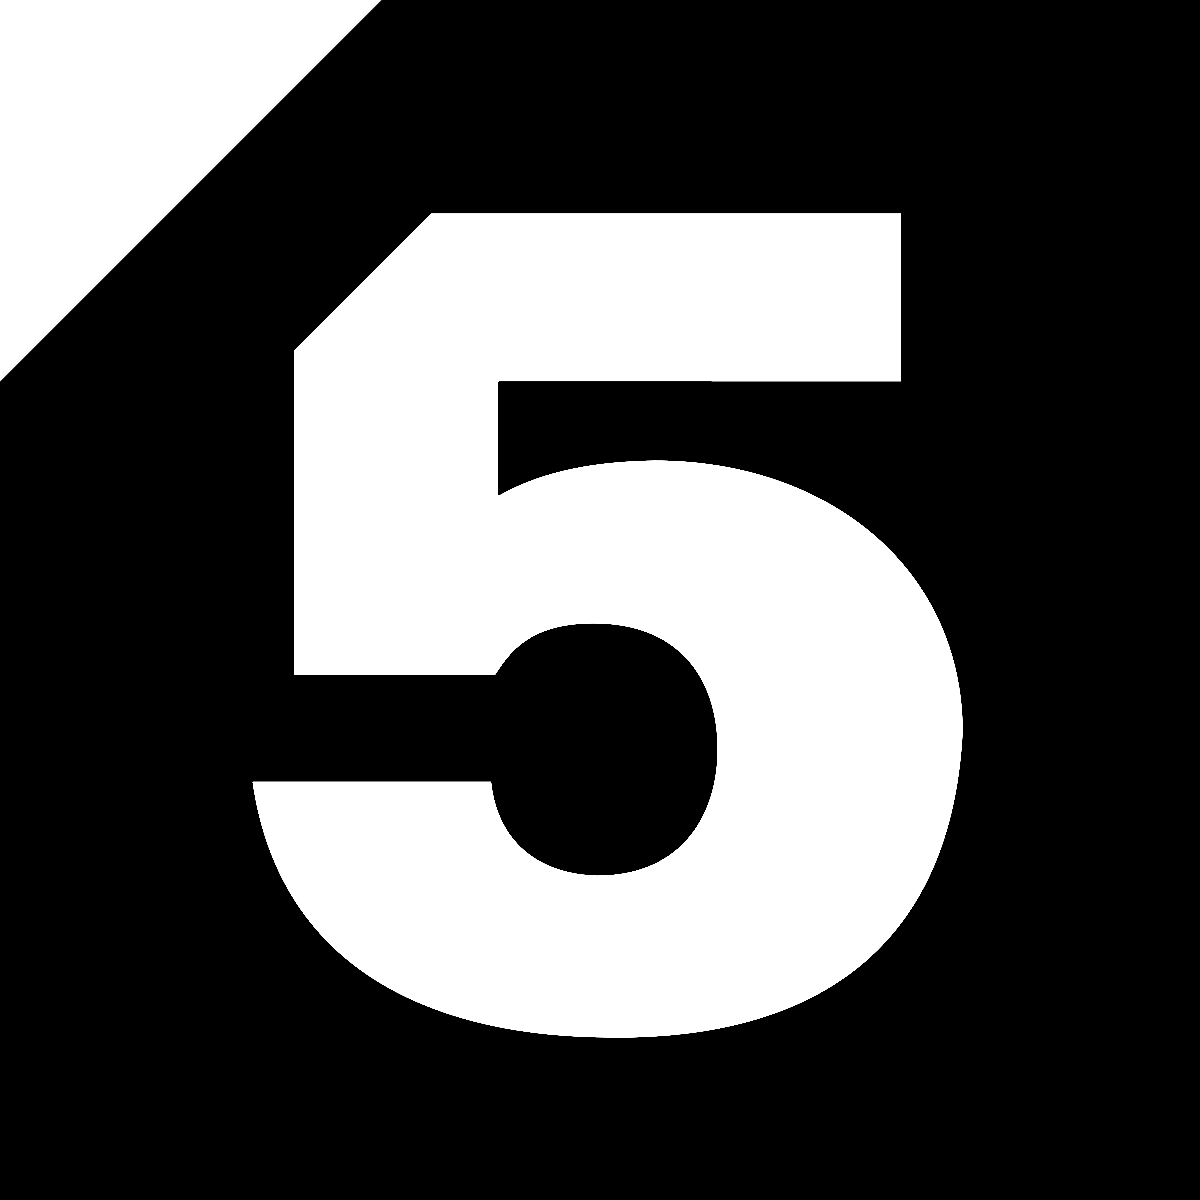 Гарантия светильника СТАРК-3 - 5 лет